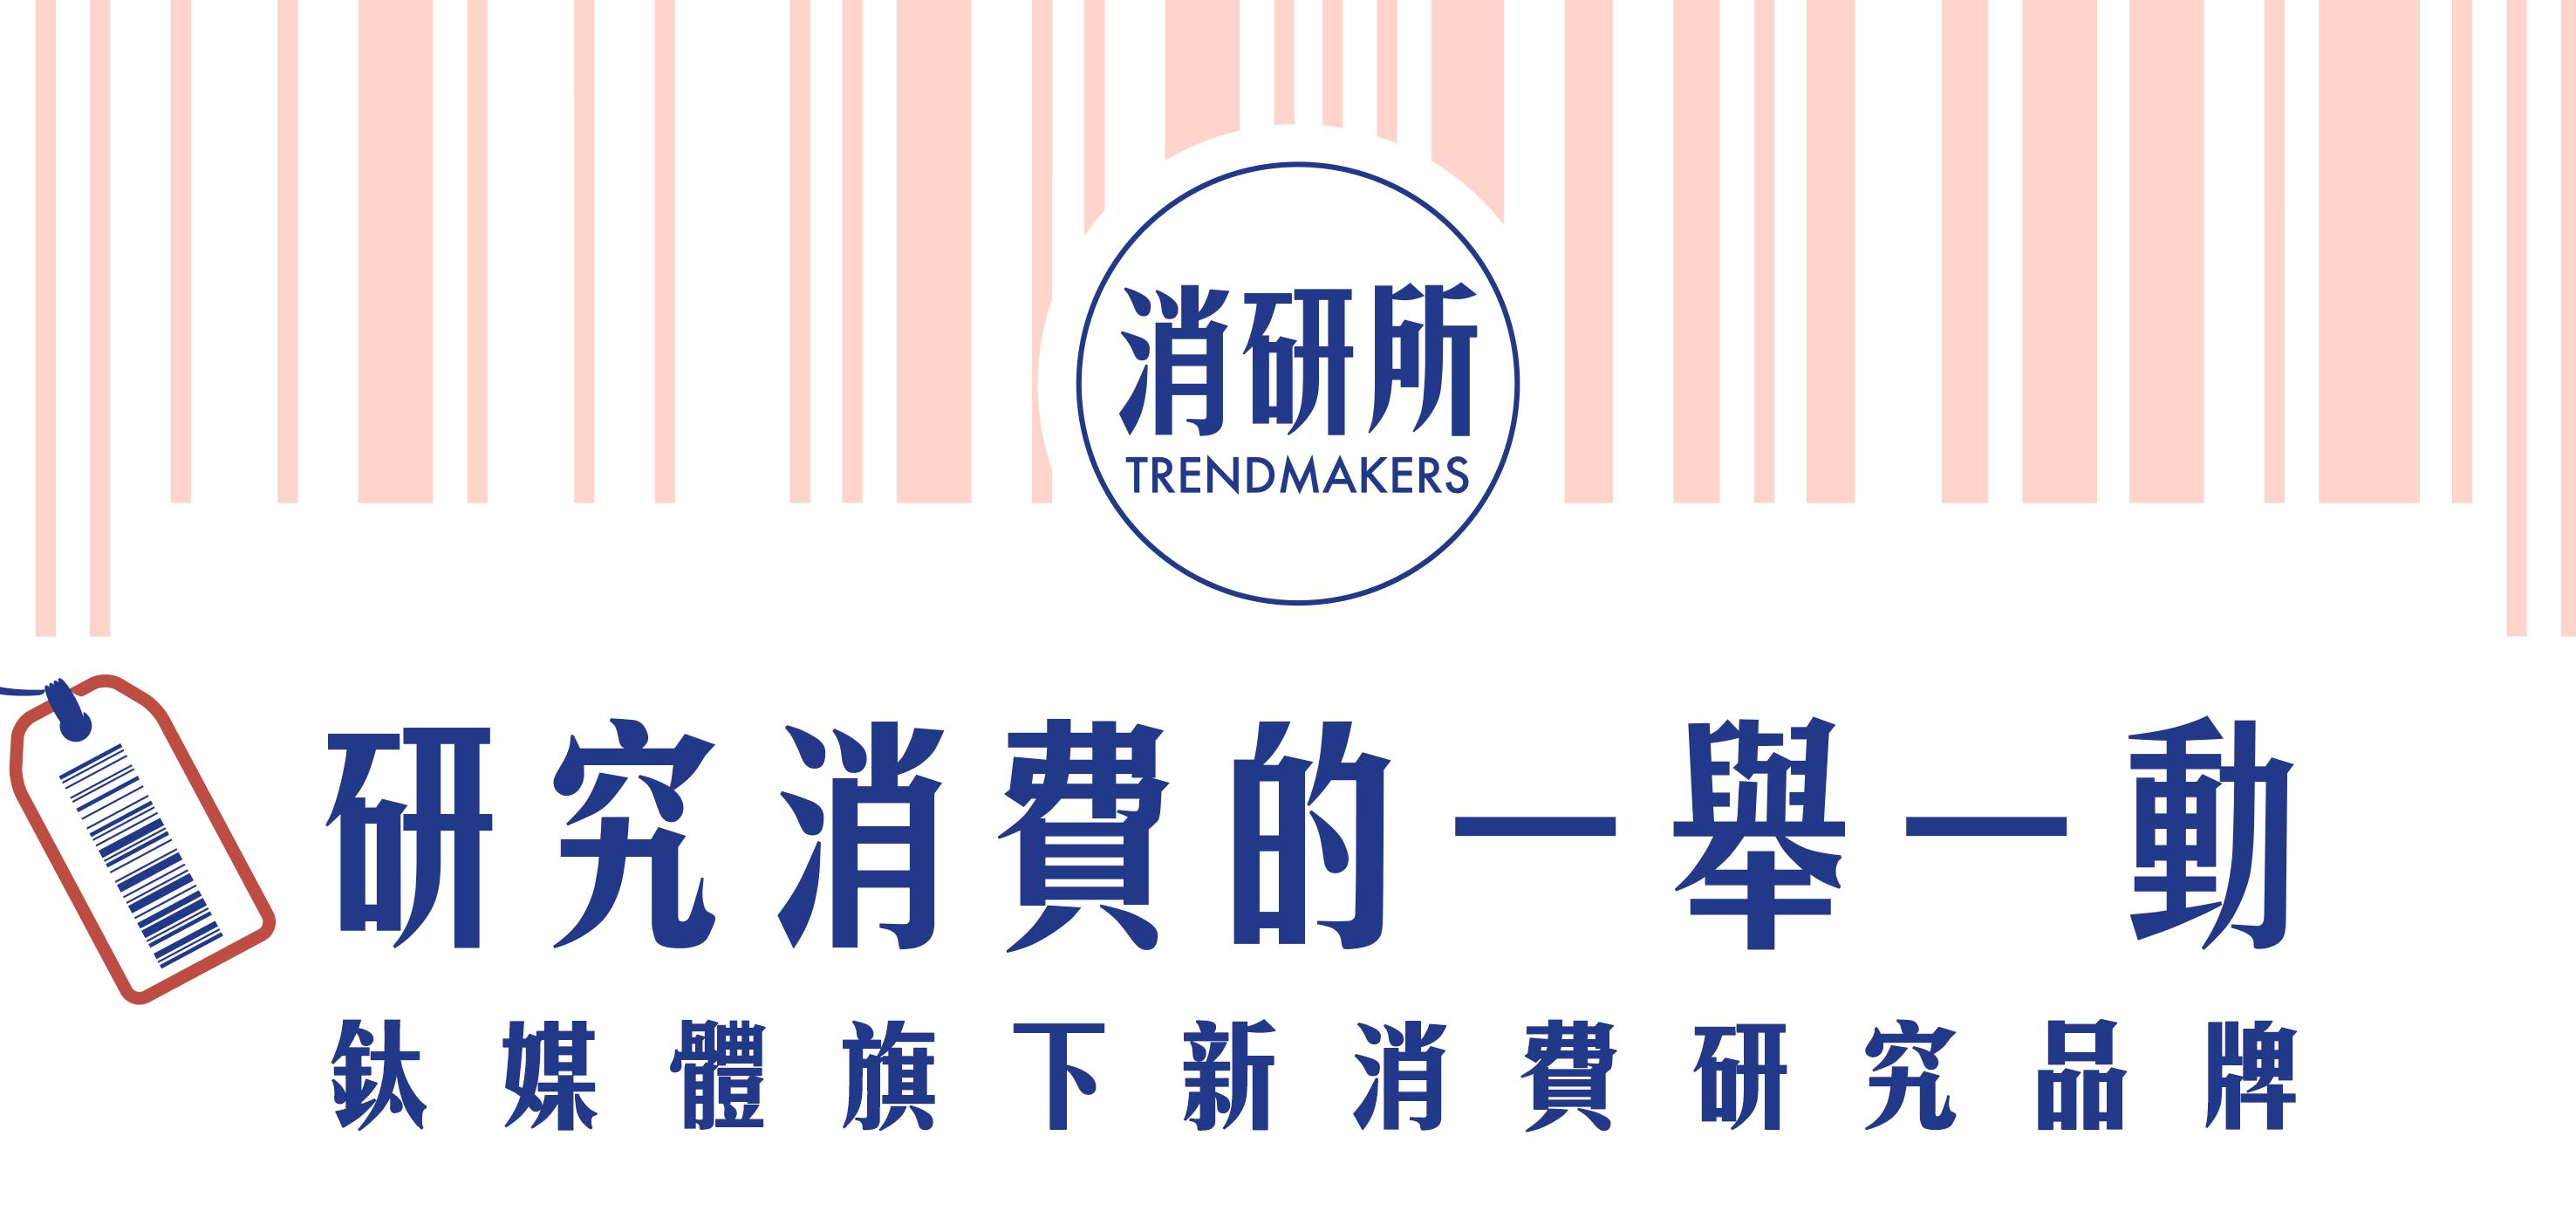 袁琪森林投资轻食品品牌;明创创品推出TOPTOY 潮剧收藏店;精品咖啡时尚新开30家店|消费者研究所周刊